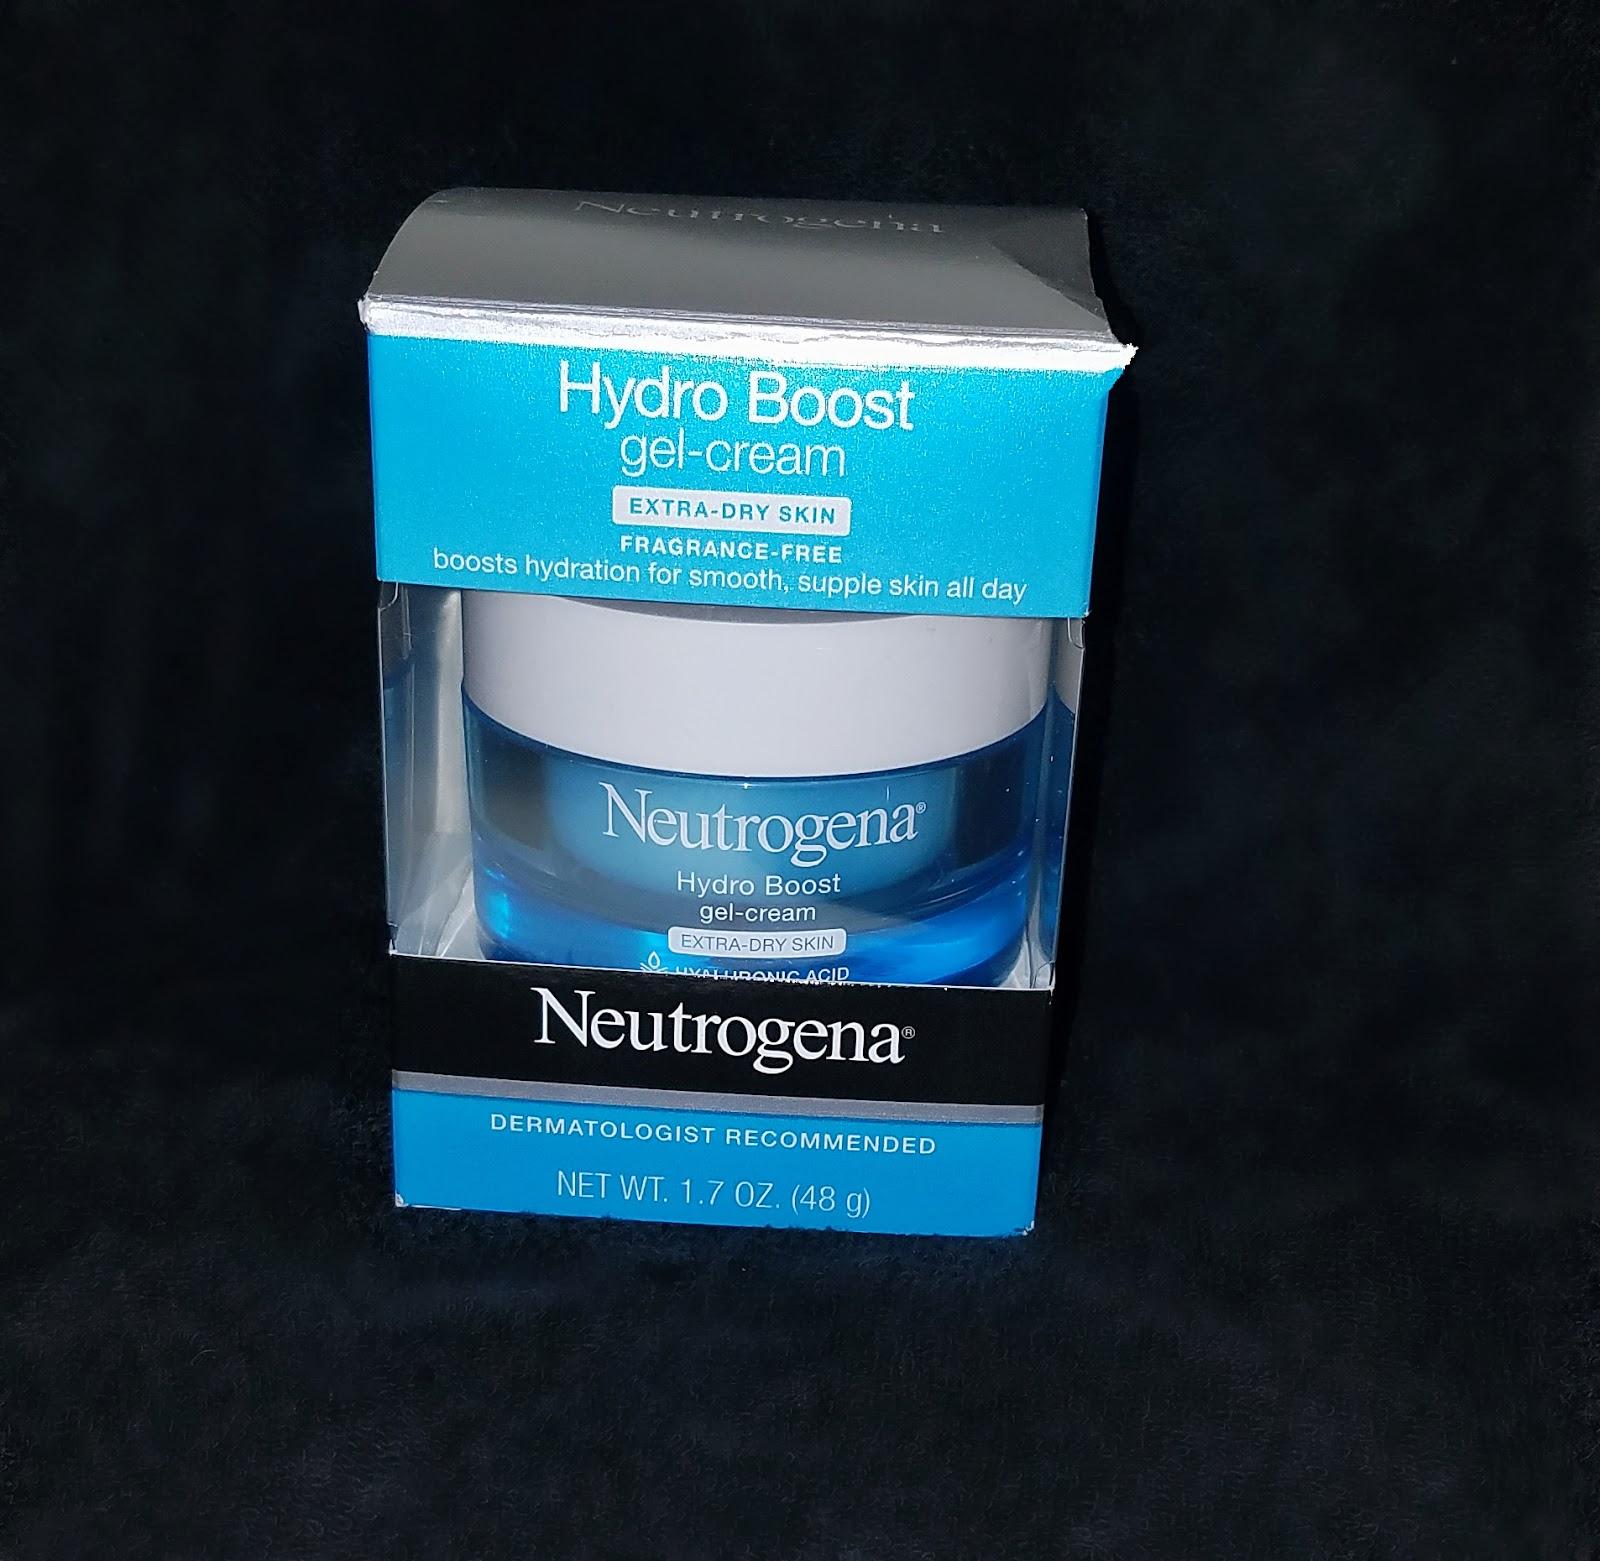 Hydro Boost Gel-Cream by Neutrogena #17